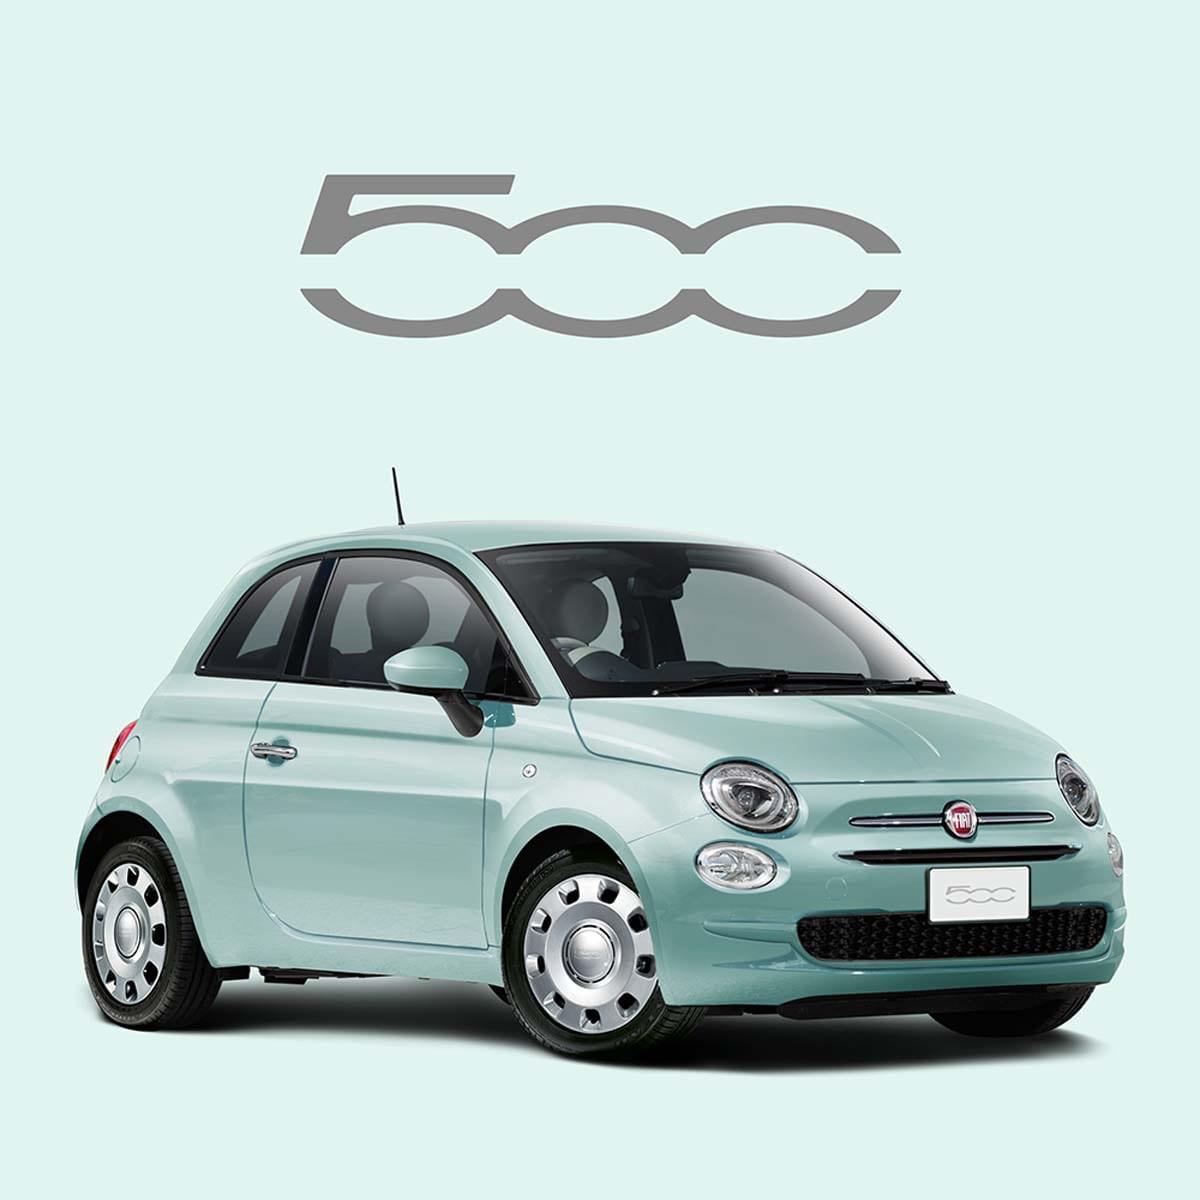 憧れの外車に乗りたい! 200万円以下で買える最新輸入車3選!【新型車レポート】